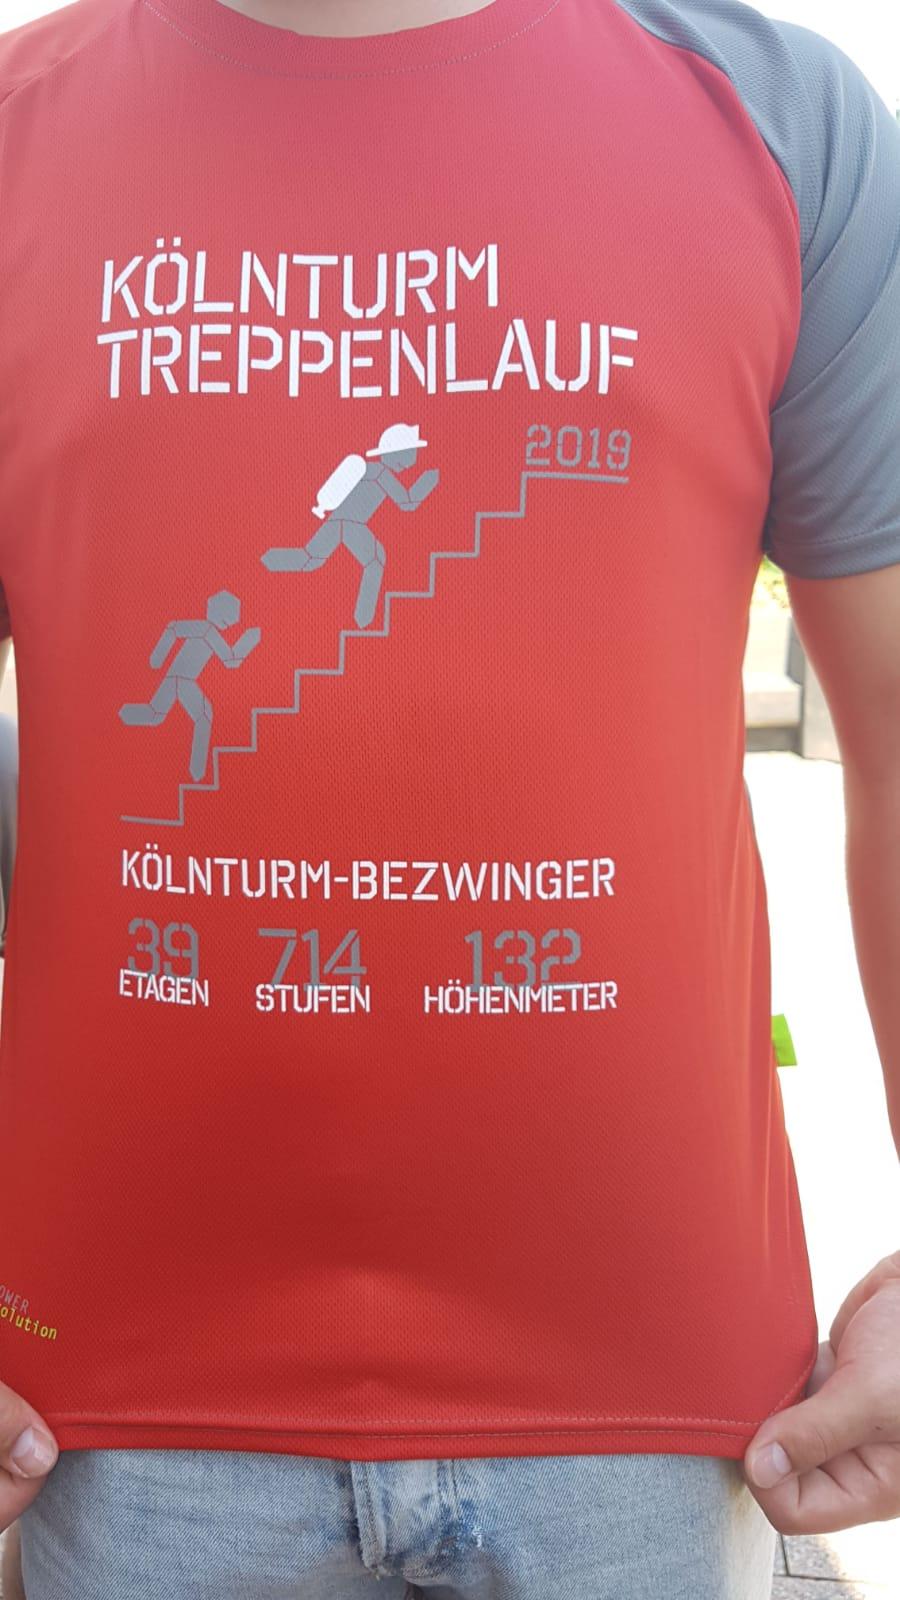 Erfolgreiche Teilnahme beim KölnTurmlauf